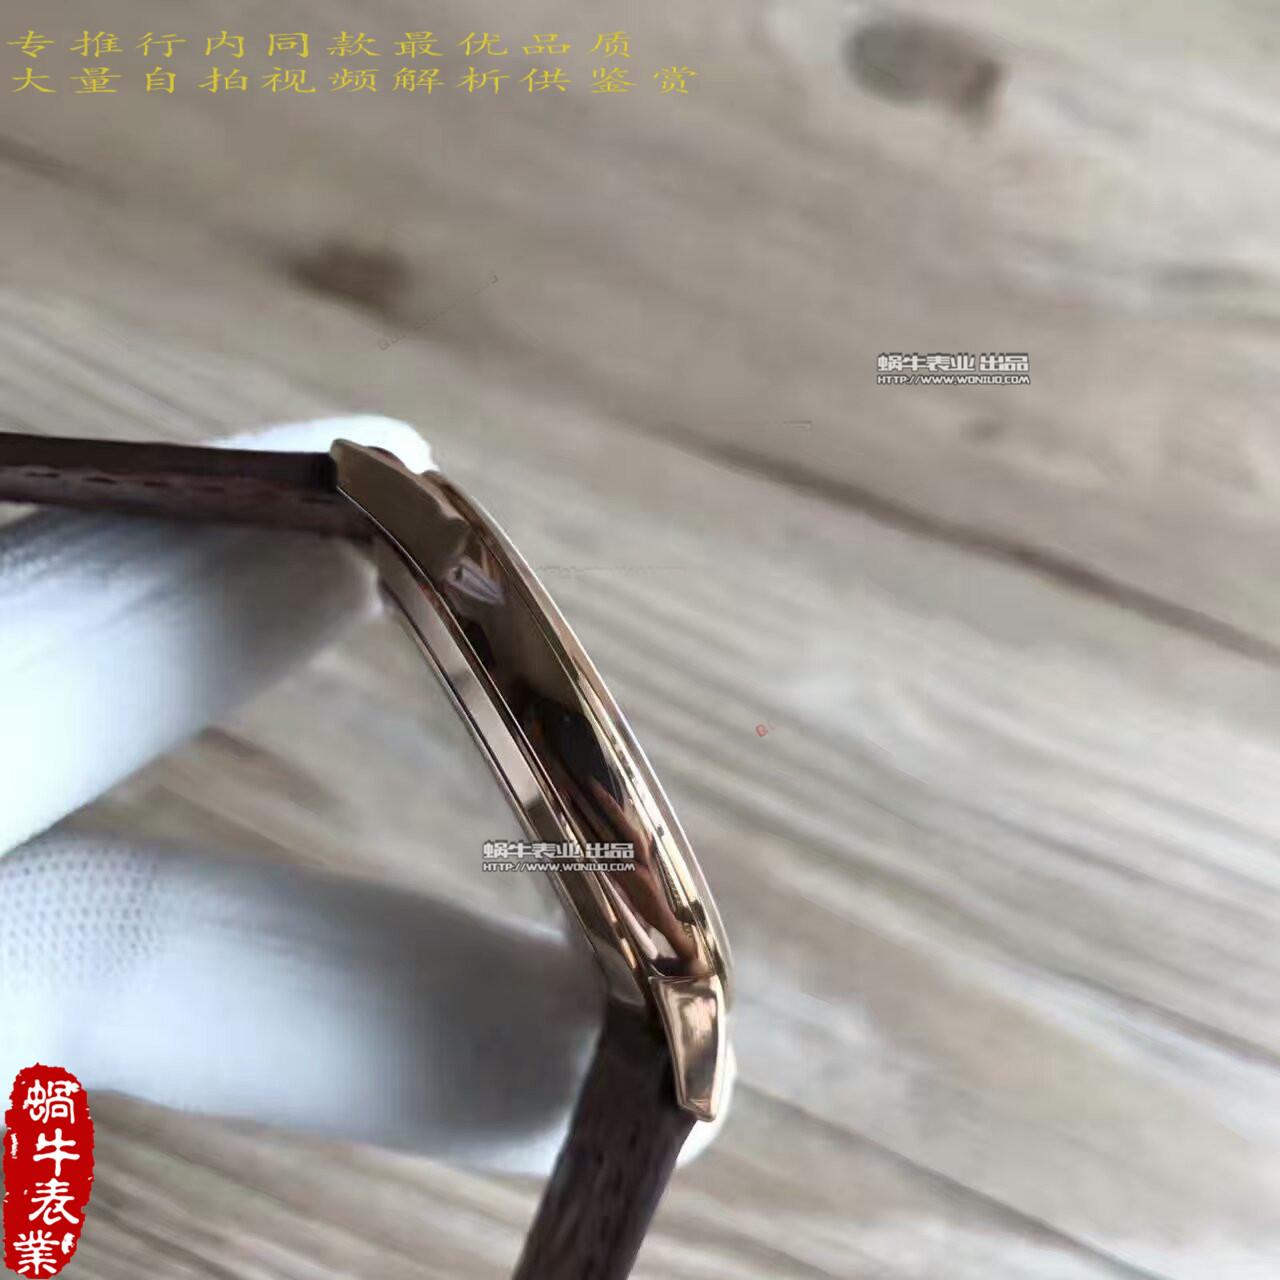 【台湾厂一比一超A精仿手表】江诗丹顿传承系列81180/000R-9159腕表 / JS130